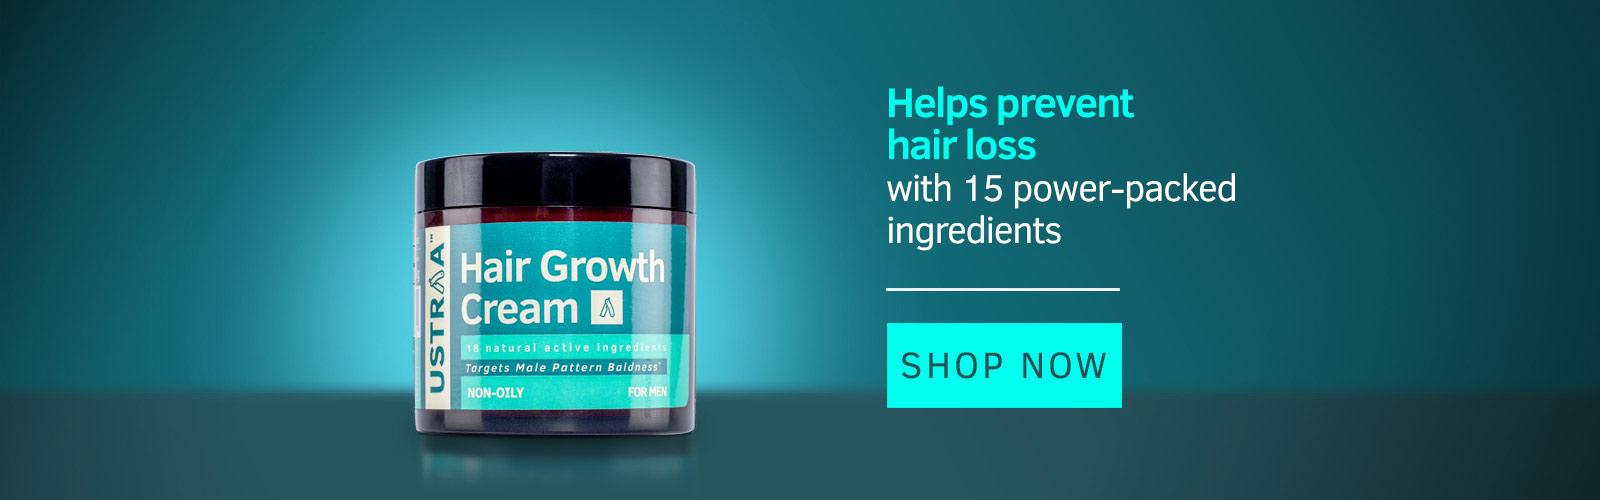 Hair Growth Cream